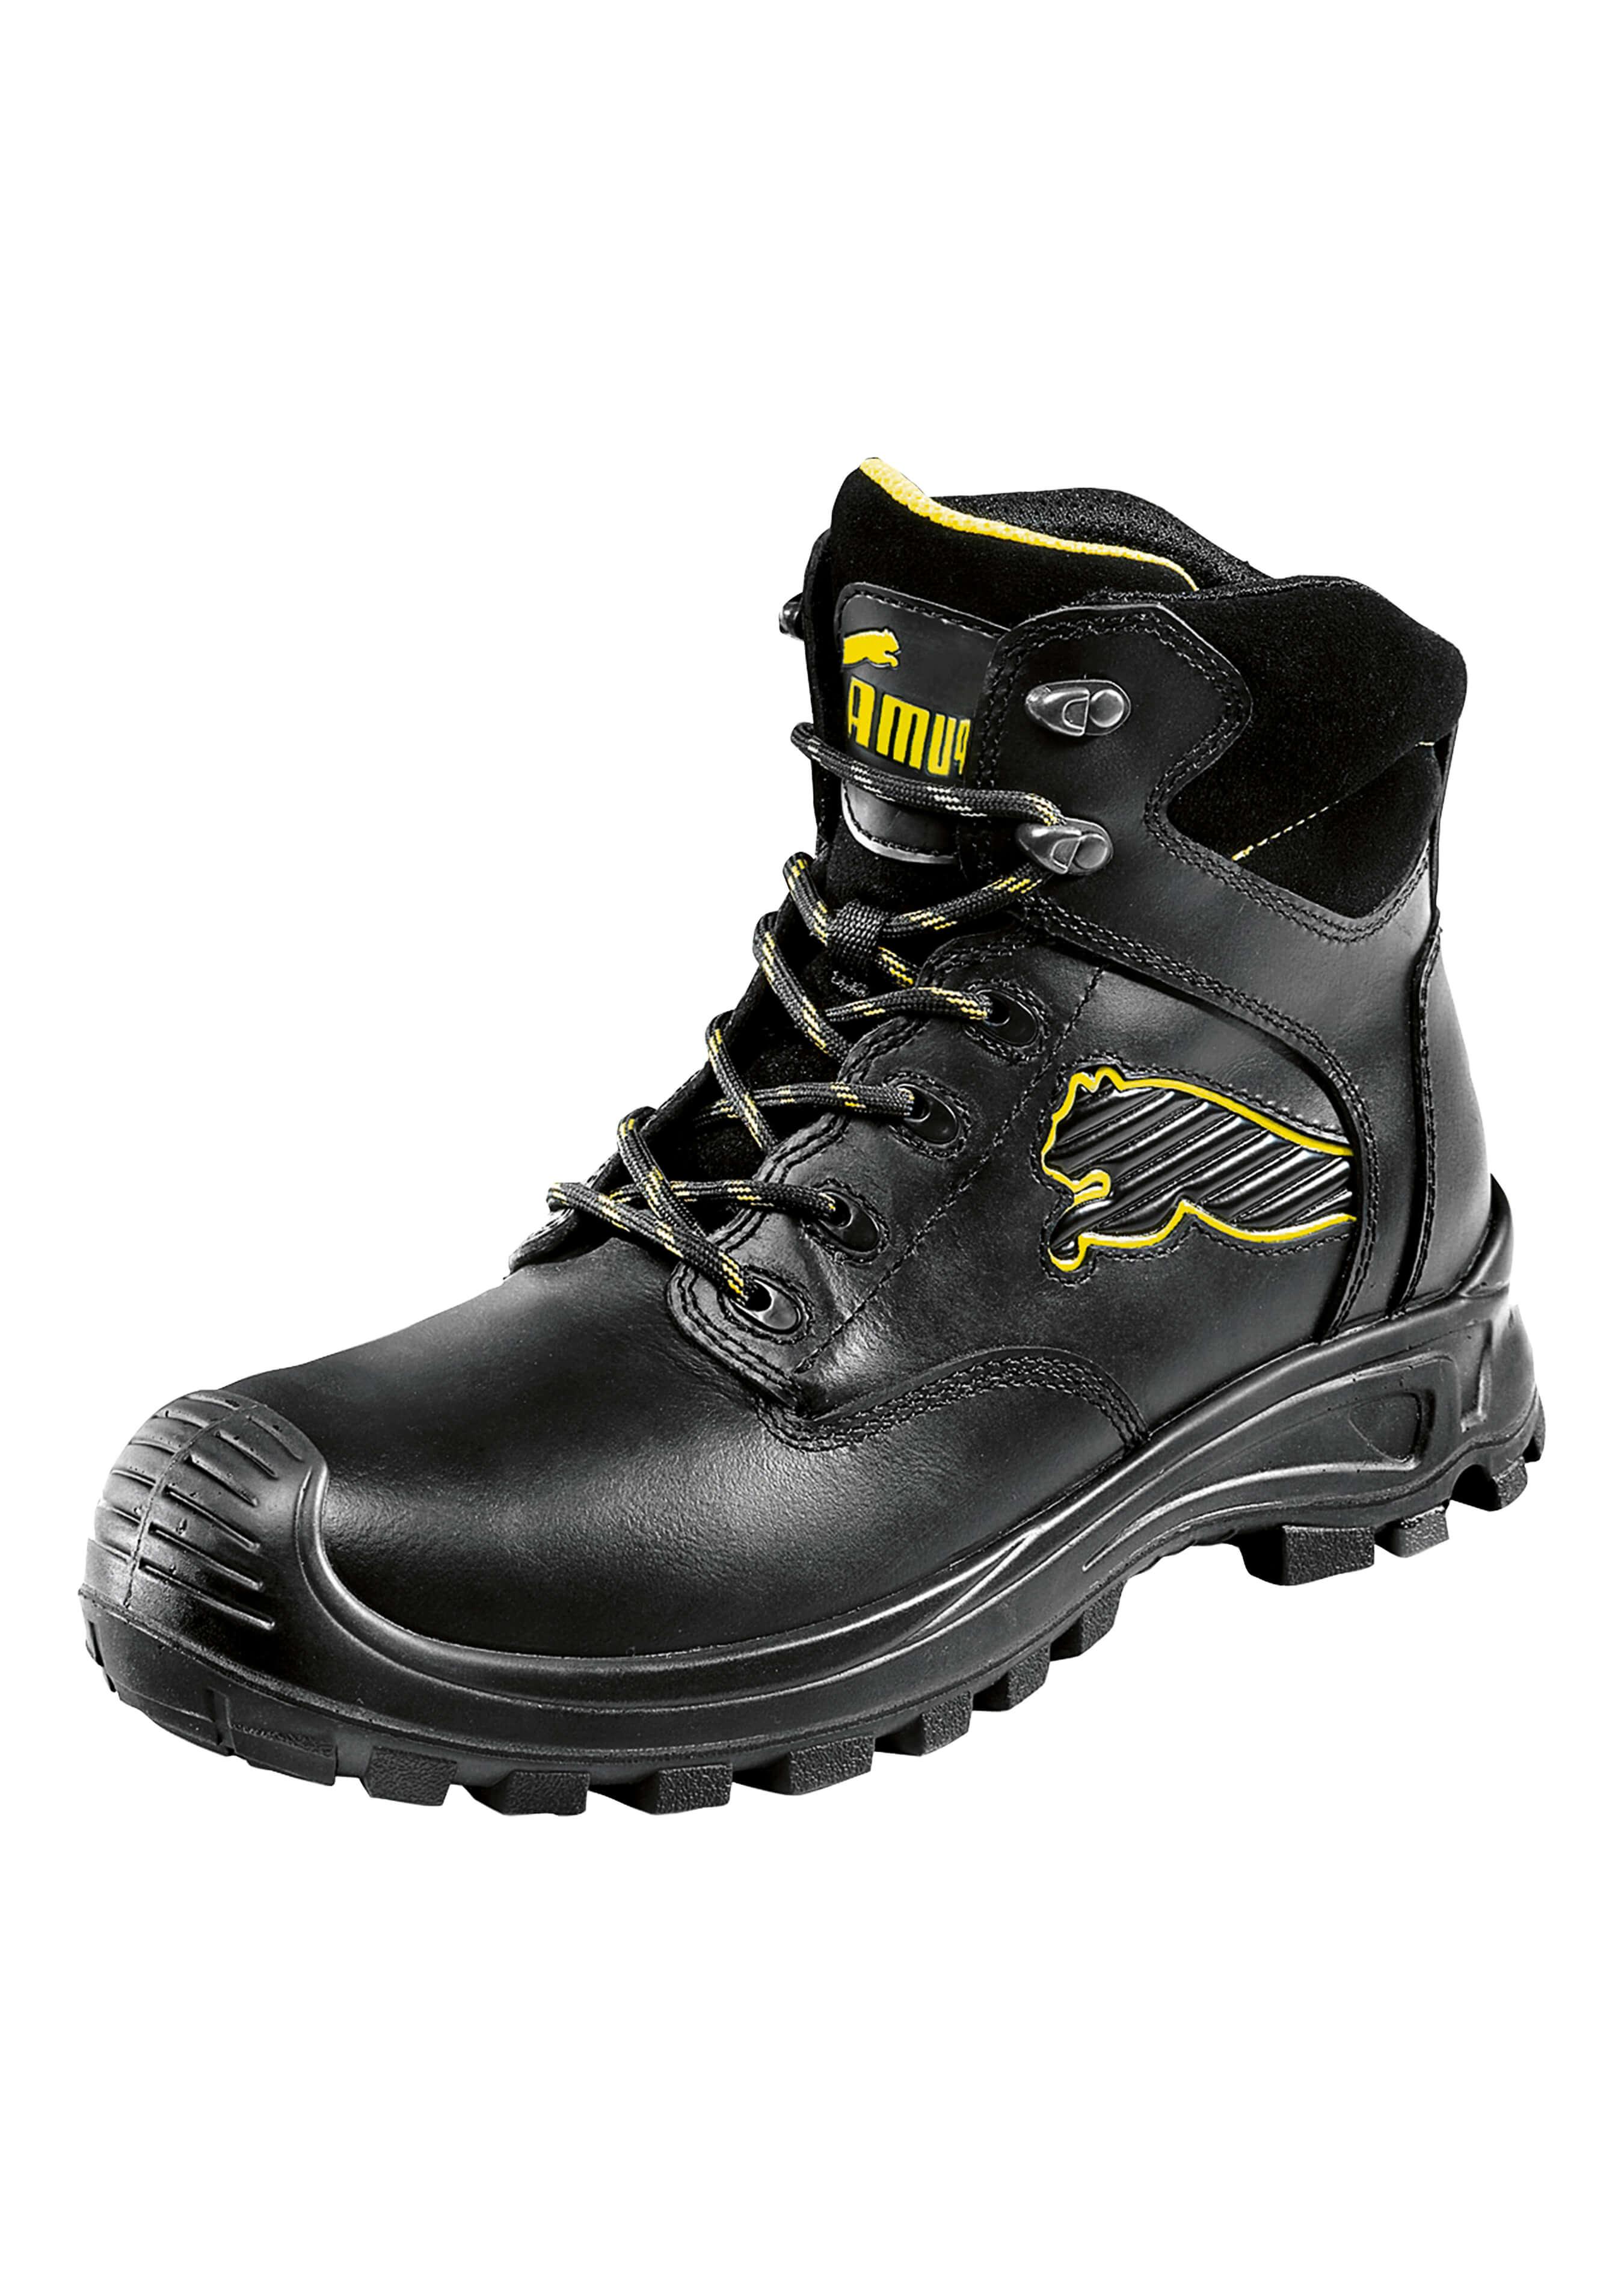 Chaussure de sécurité S3 Scuff Caps L439639 1